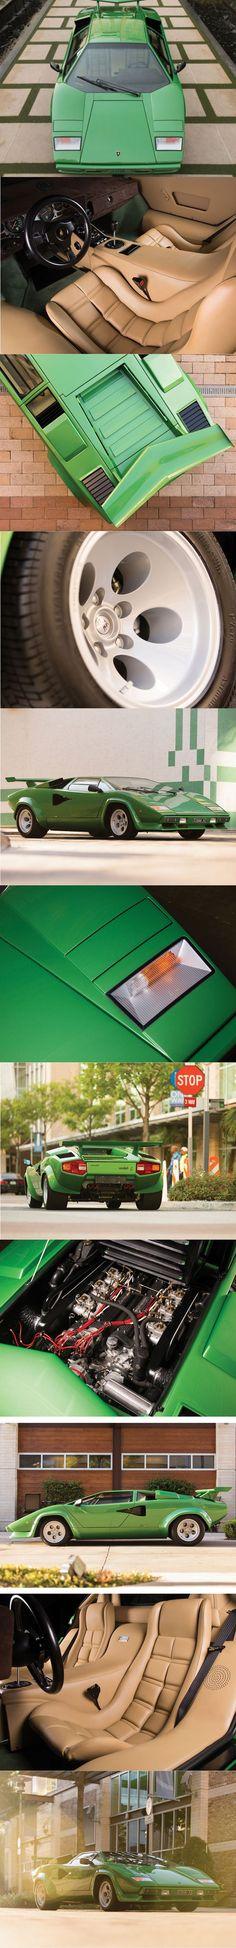 1978 Lamborghini Countach LP400 S / Italy / green / 350 hp / 82 manufactured / www.autovisie.nl / Bertone Marcello Gandini